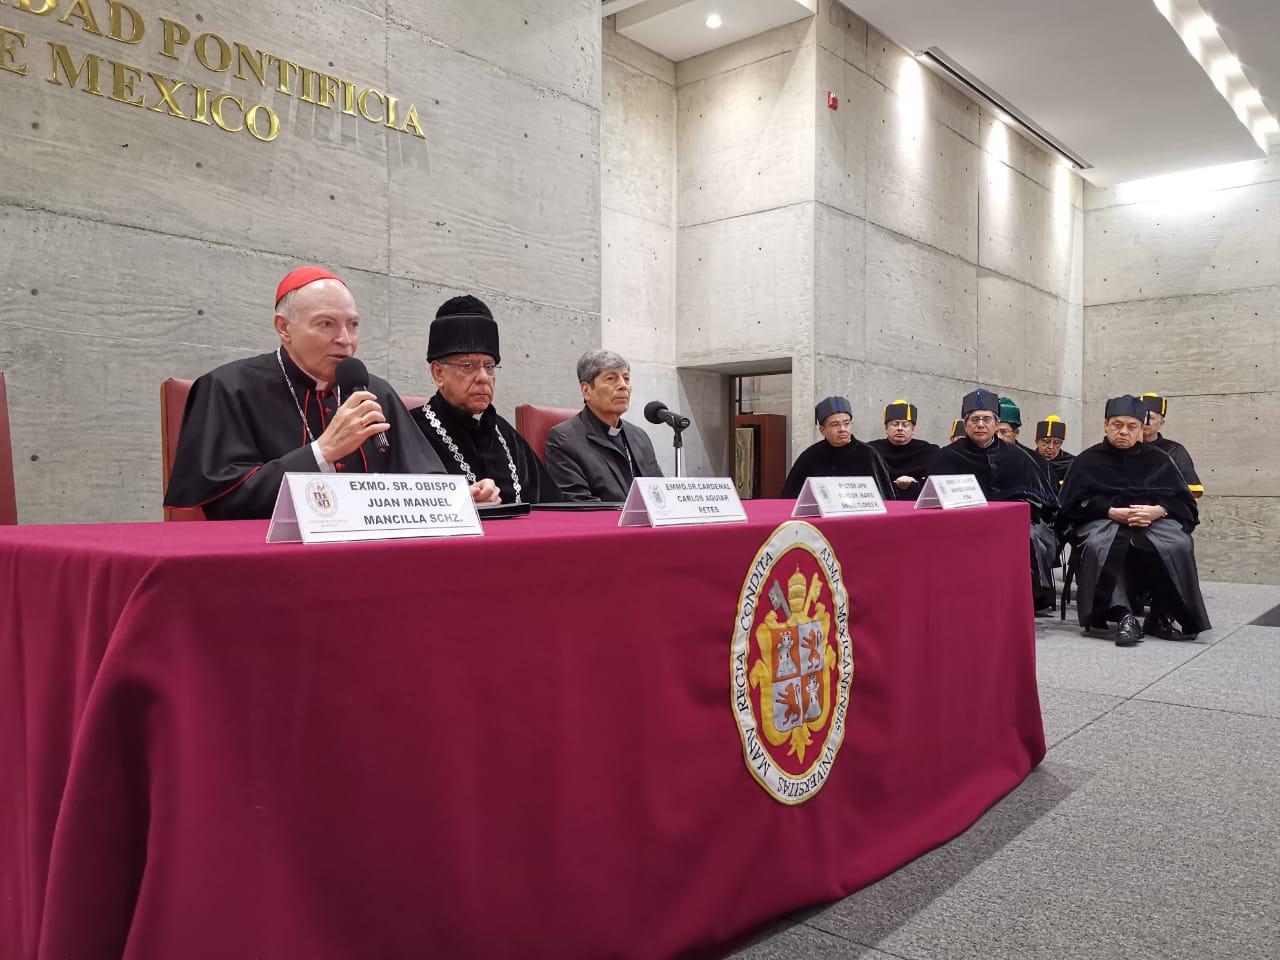 El Cardenal Aguiar aseguró que la responsabilidad de responder a los desafíos de México es de todos. Foto: Javier Rodríguez